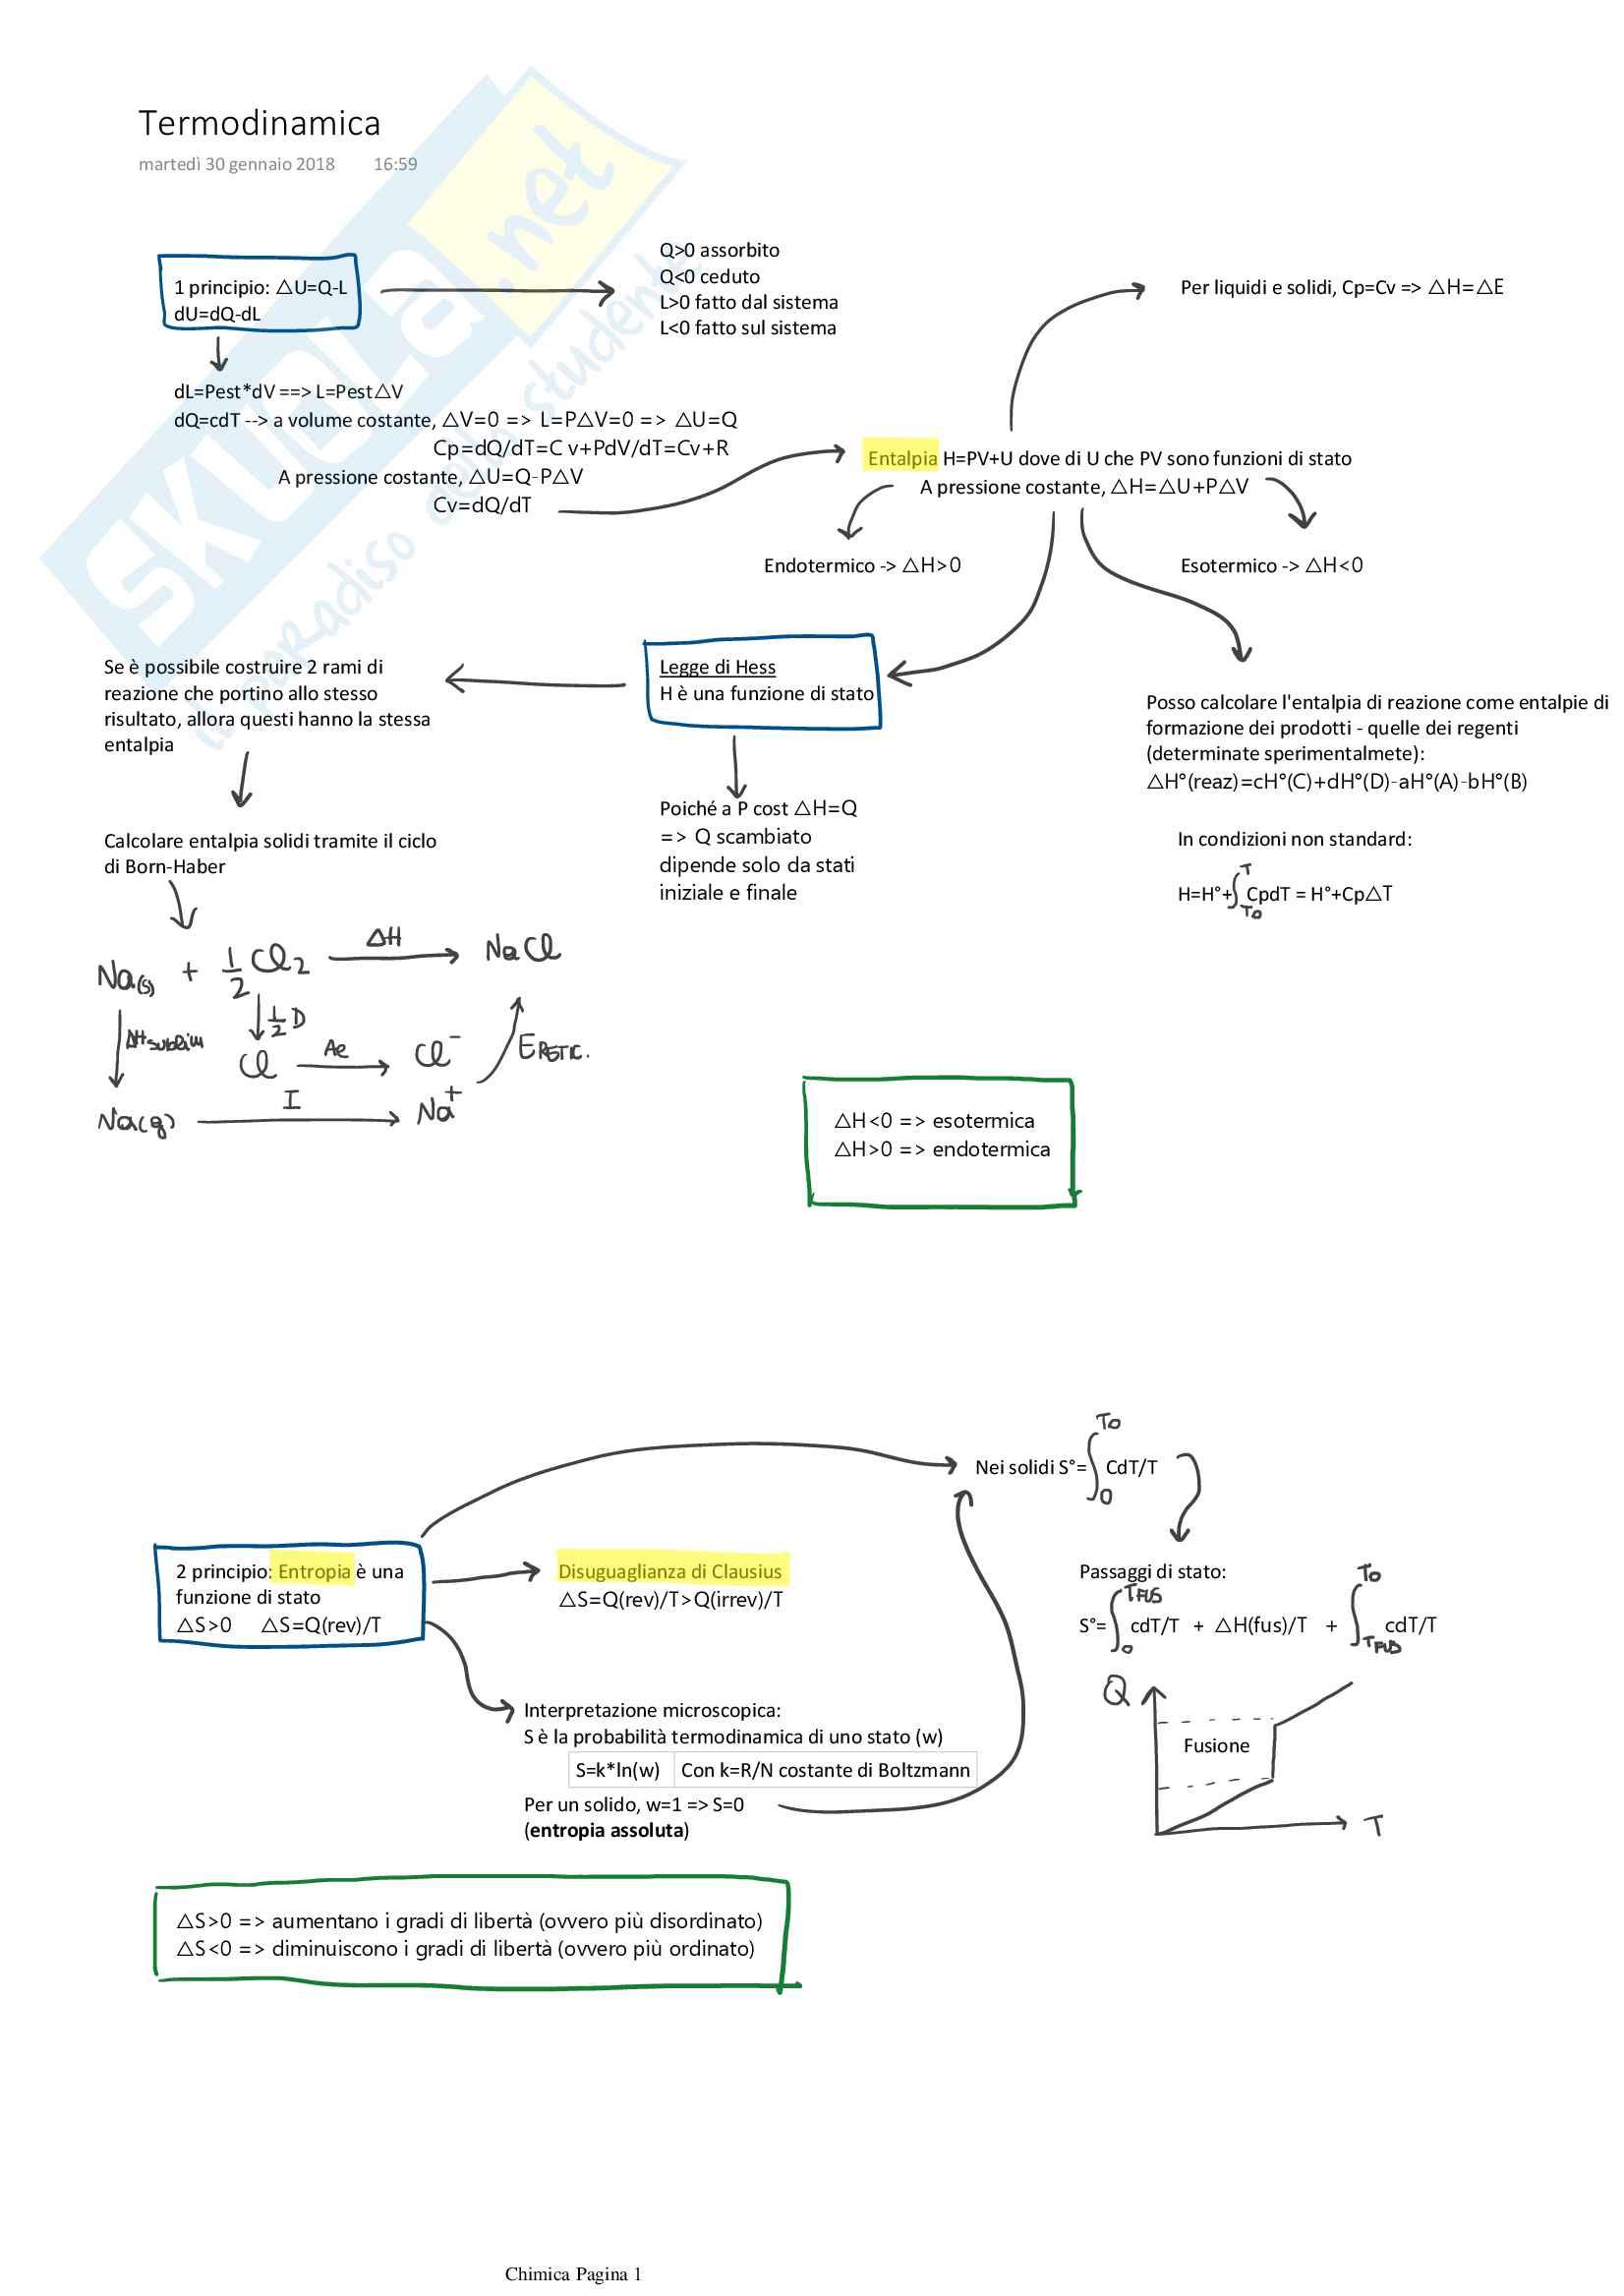 Termodinamica (schema riassuntivo)